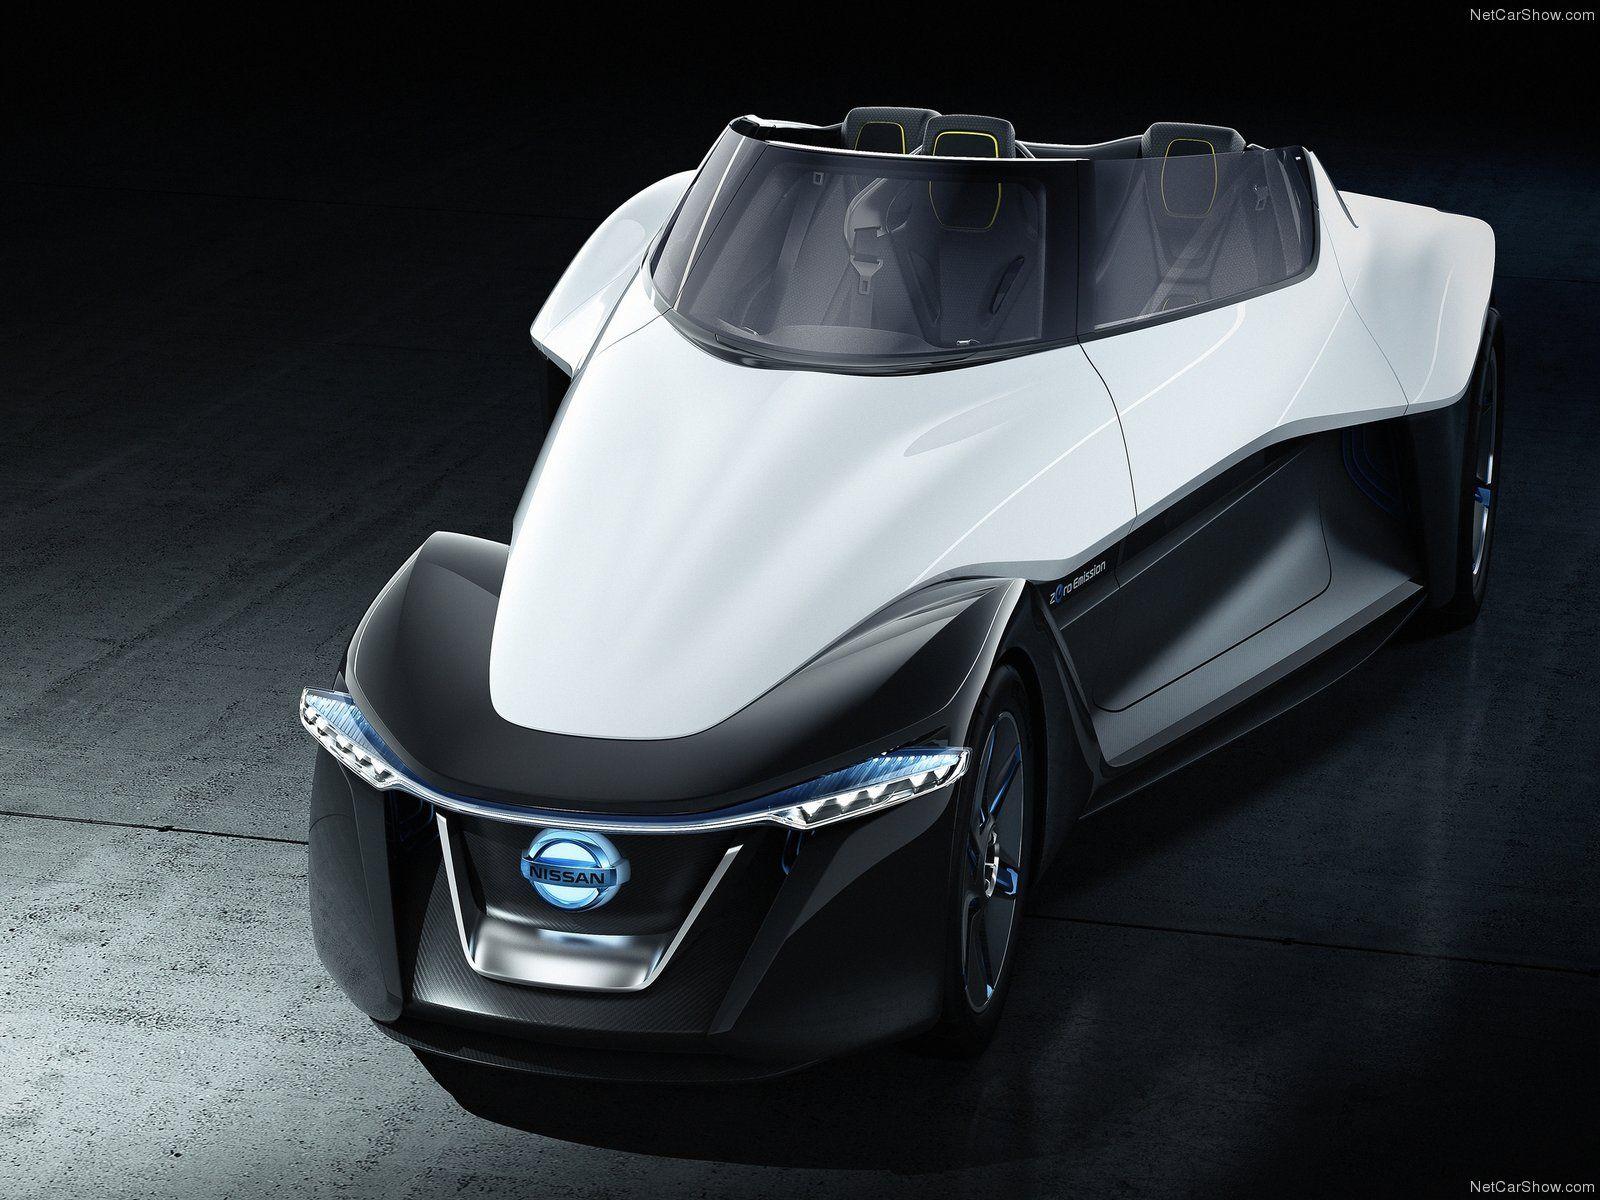 La #Nissan #BladeGilder verrà esposta durante il Tokyo #Motor #Show e si candida come sportiva del futuro.